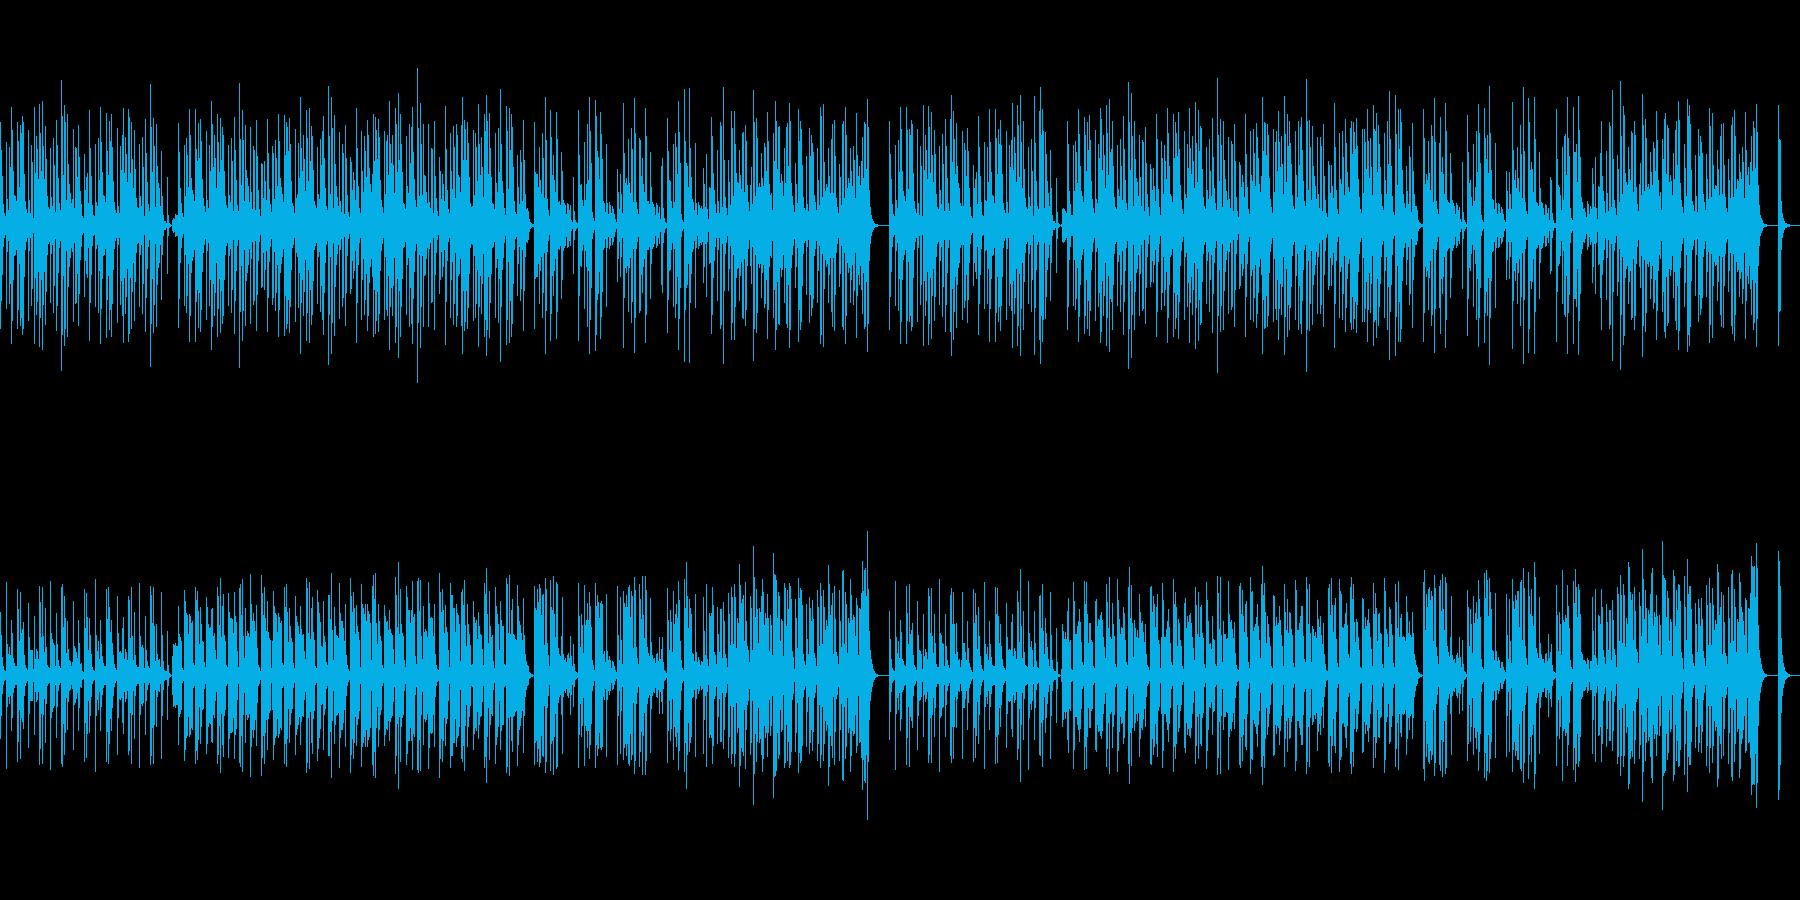 コミカル・かわいい・ゆるい雰囲気のBGMの再生済みの波形